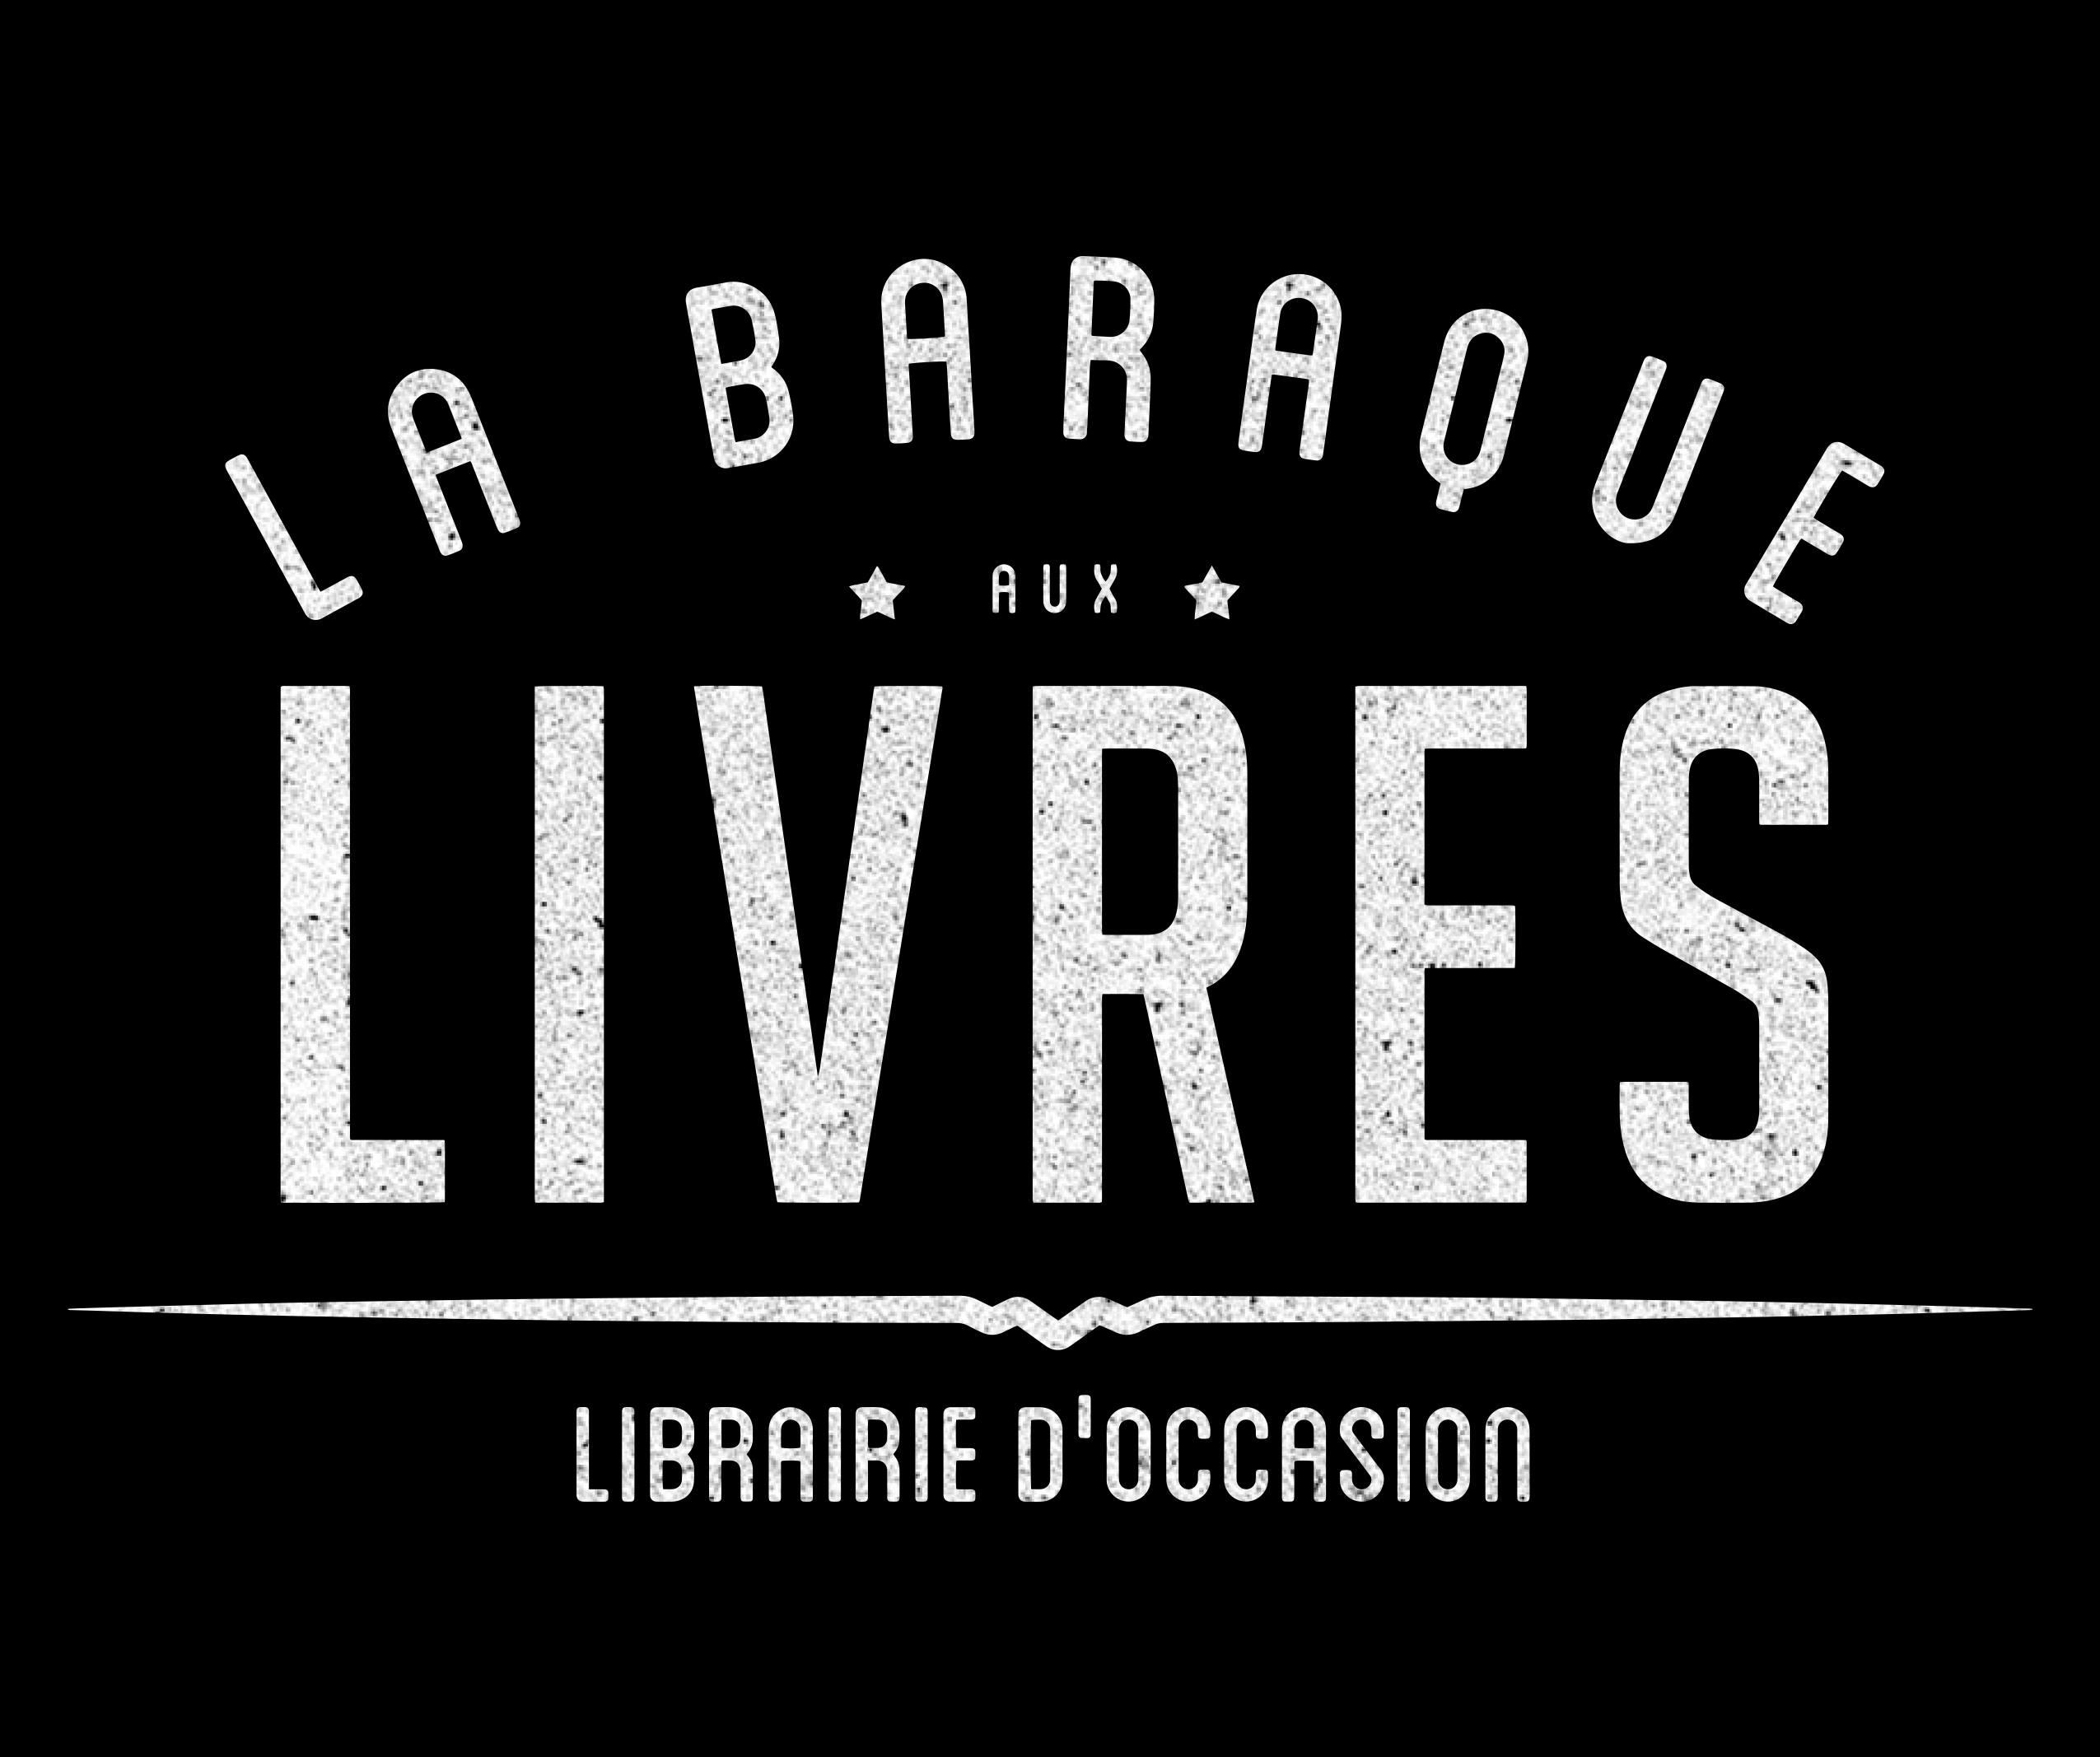 Votre Bouquinerie Librairie ambulante  Livres d' occasion Douai Nord - Pas-de-Calais